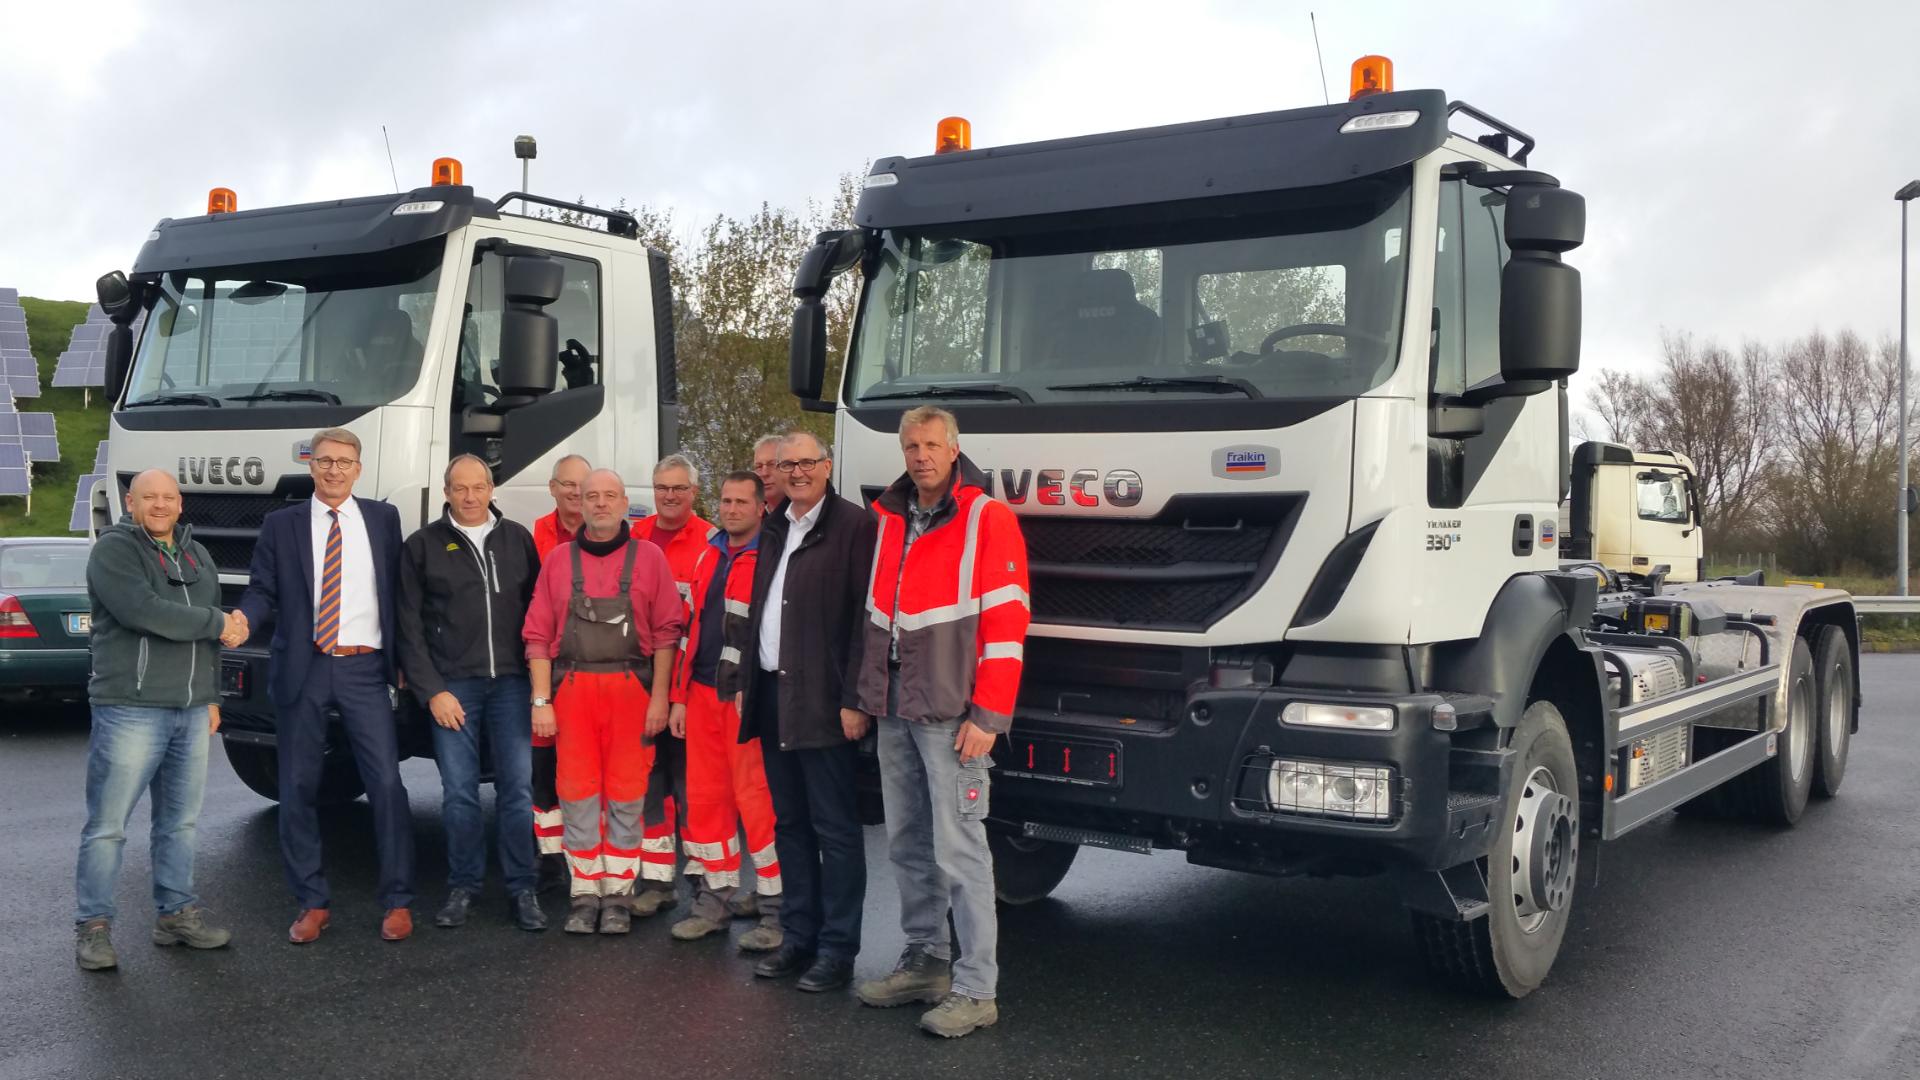 Mario Lehmann, Abfallwirtschaftszentrum Friesland/Wittmund (links) und Torsten Lau, Fraikin Deutschland (2. v. l.) bei der Fahrzeugübergabe (Foto: Fraikin Deutschland GmbH)